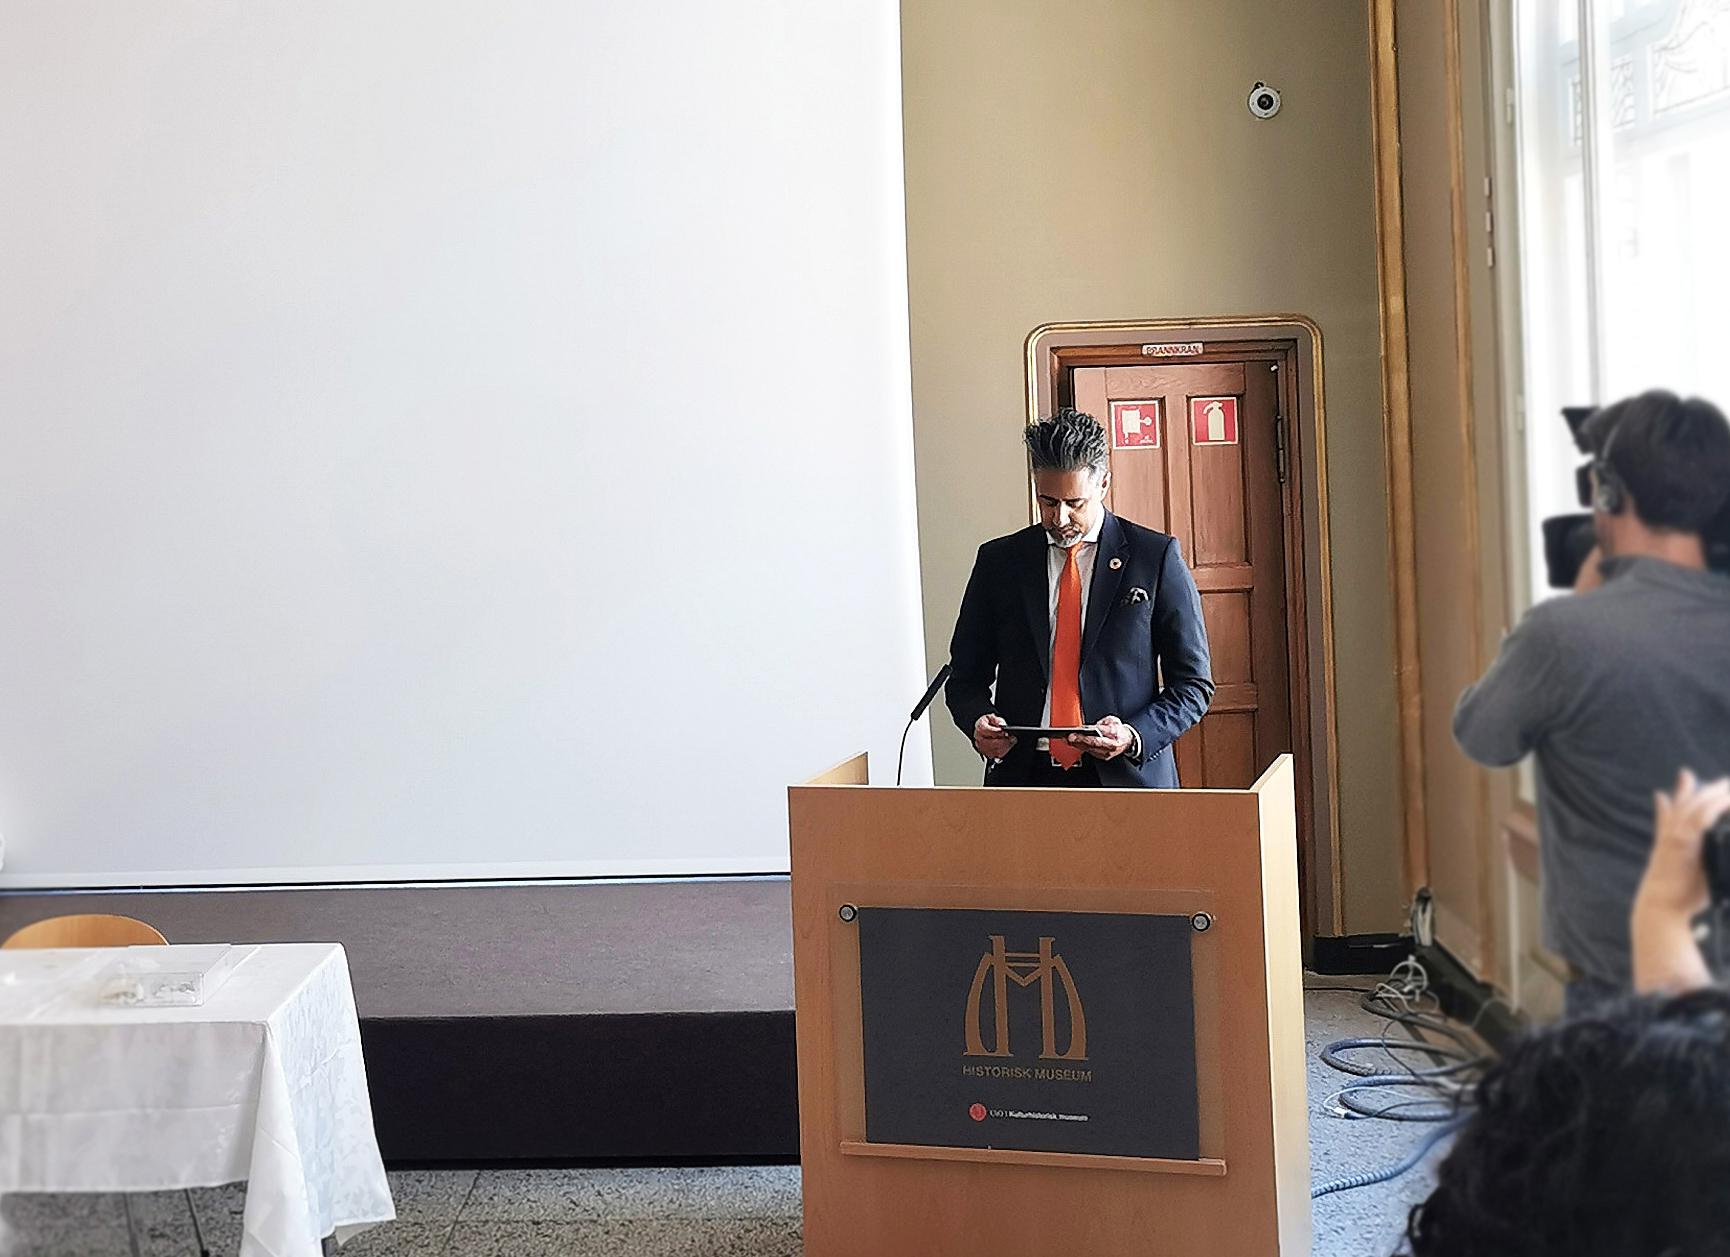 Kulturhistorisk museum og Kulturdepartementet tilbakeførte ulovlig importerte kulturminner